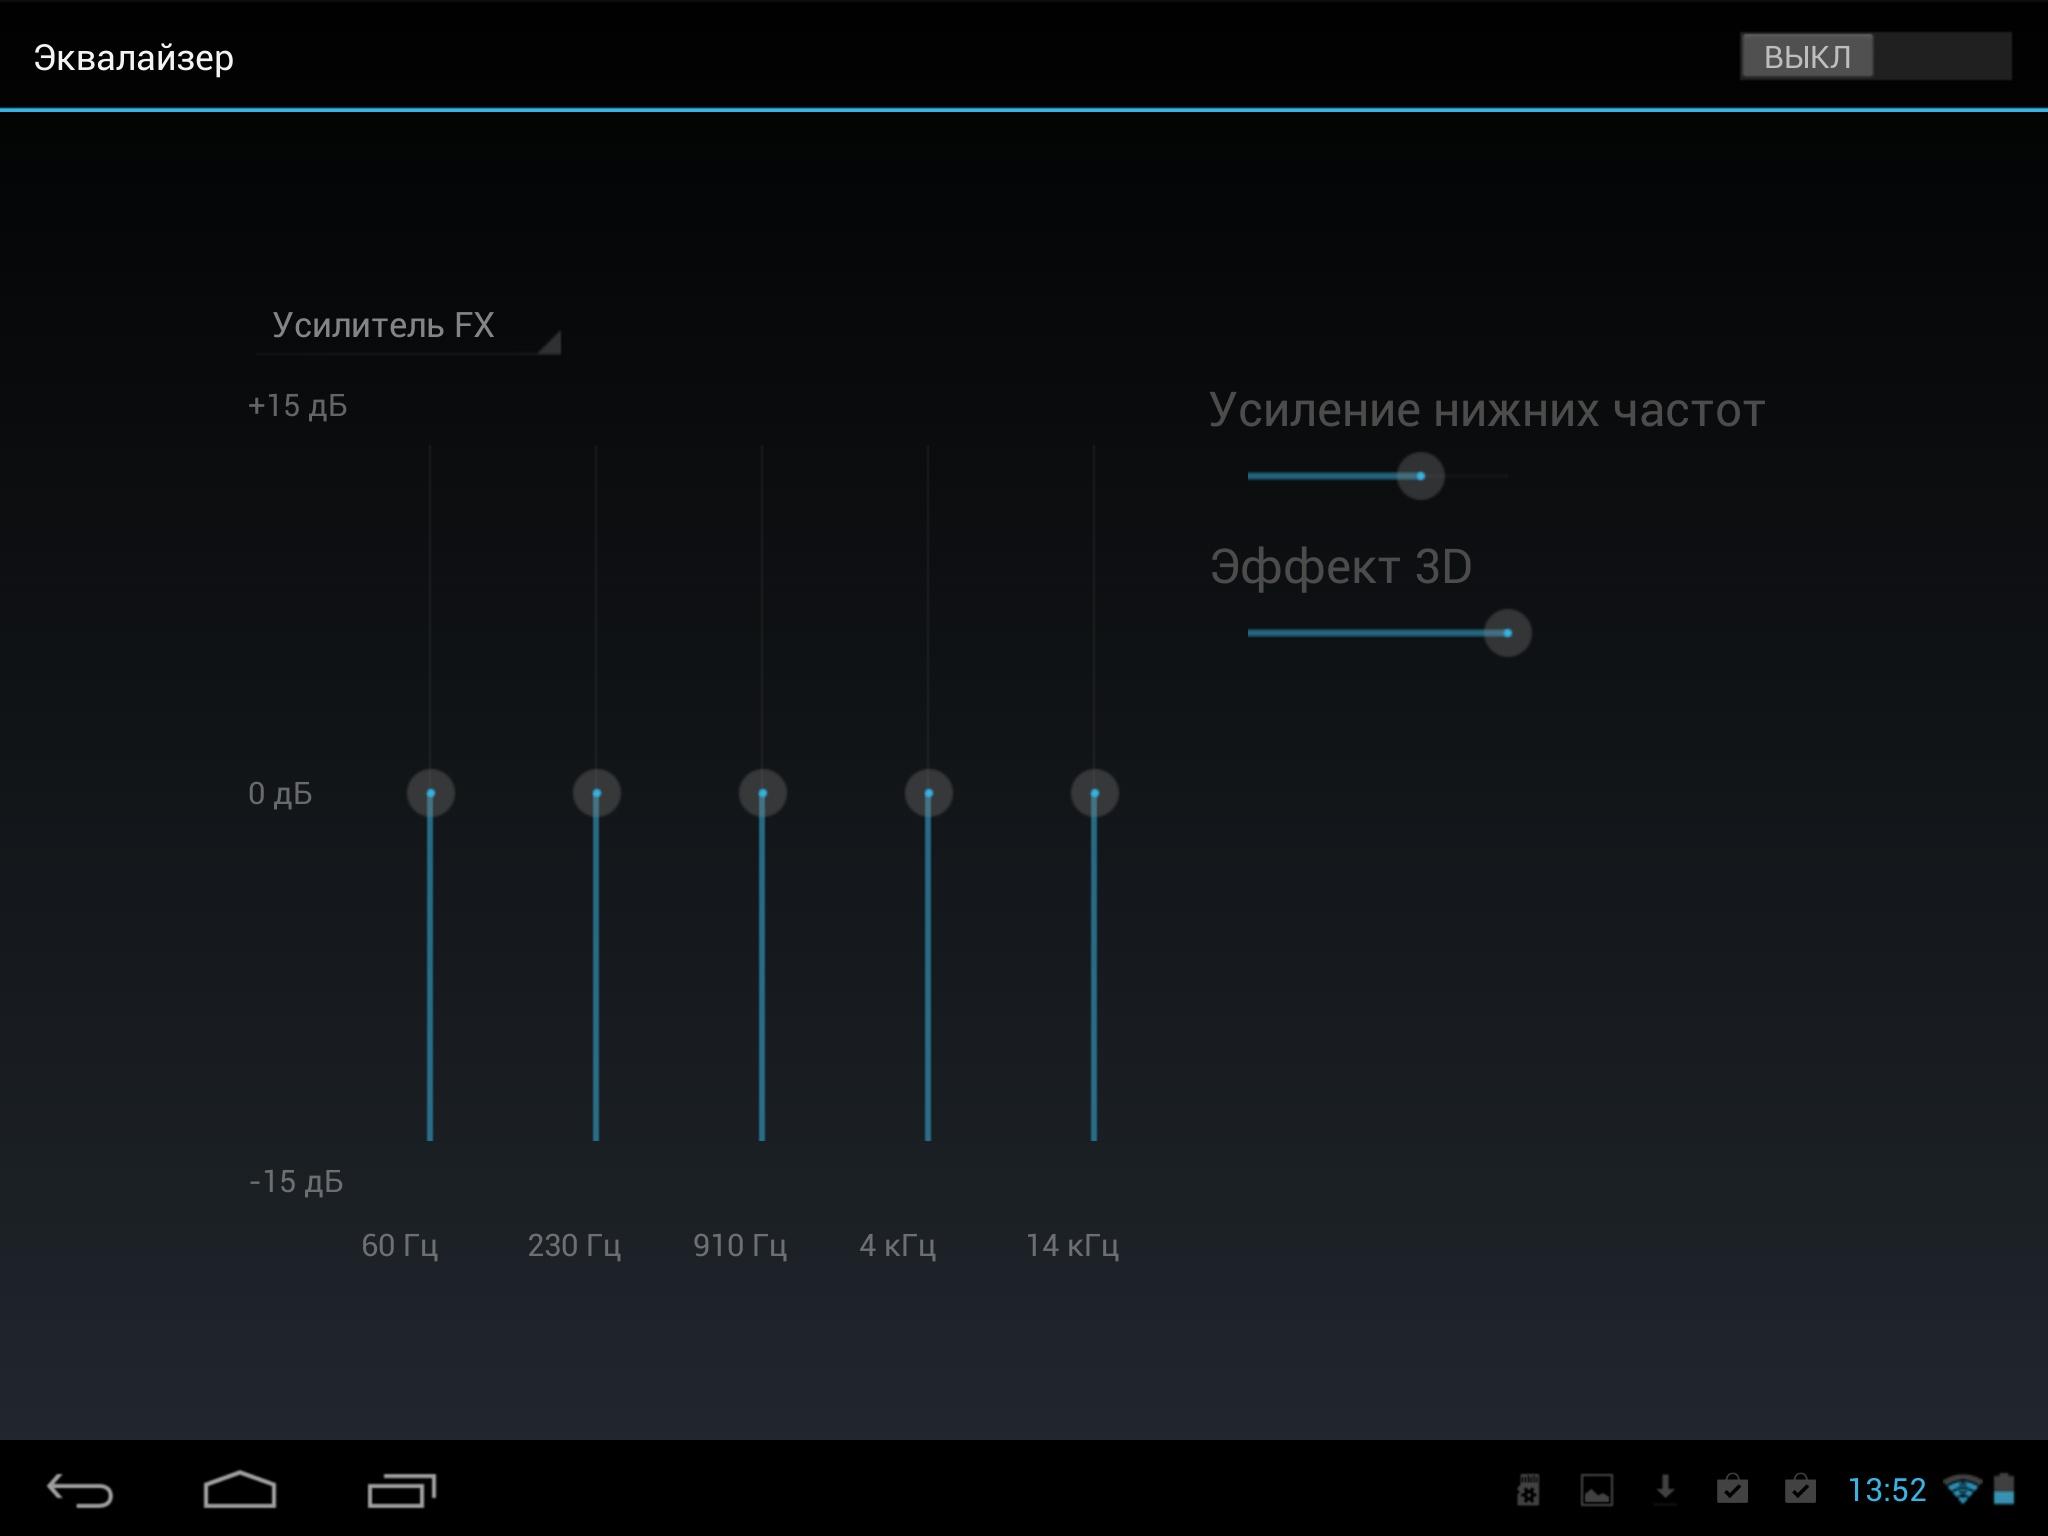 Сброс к заводским настройкам на ZenFone. - Asus